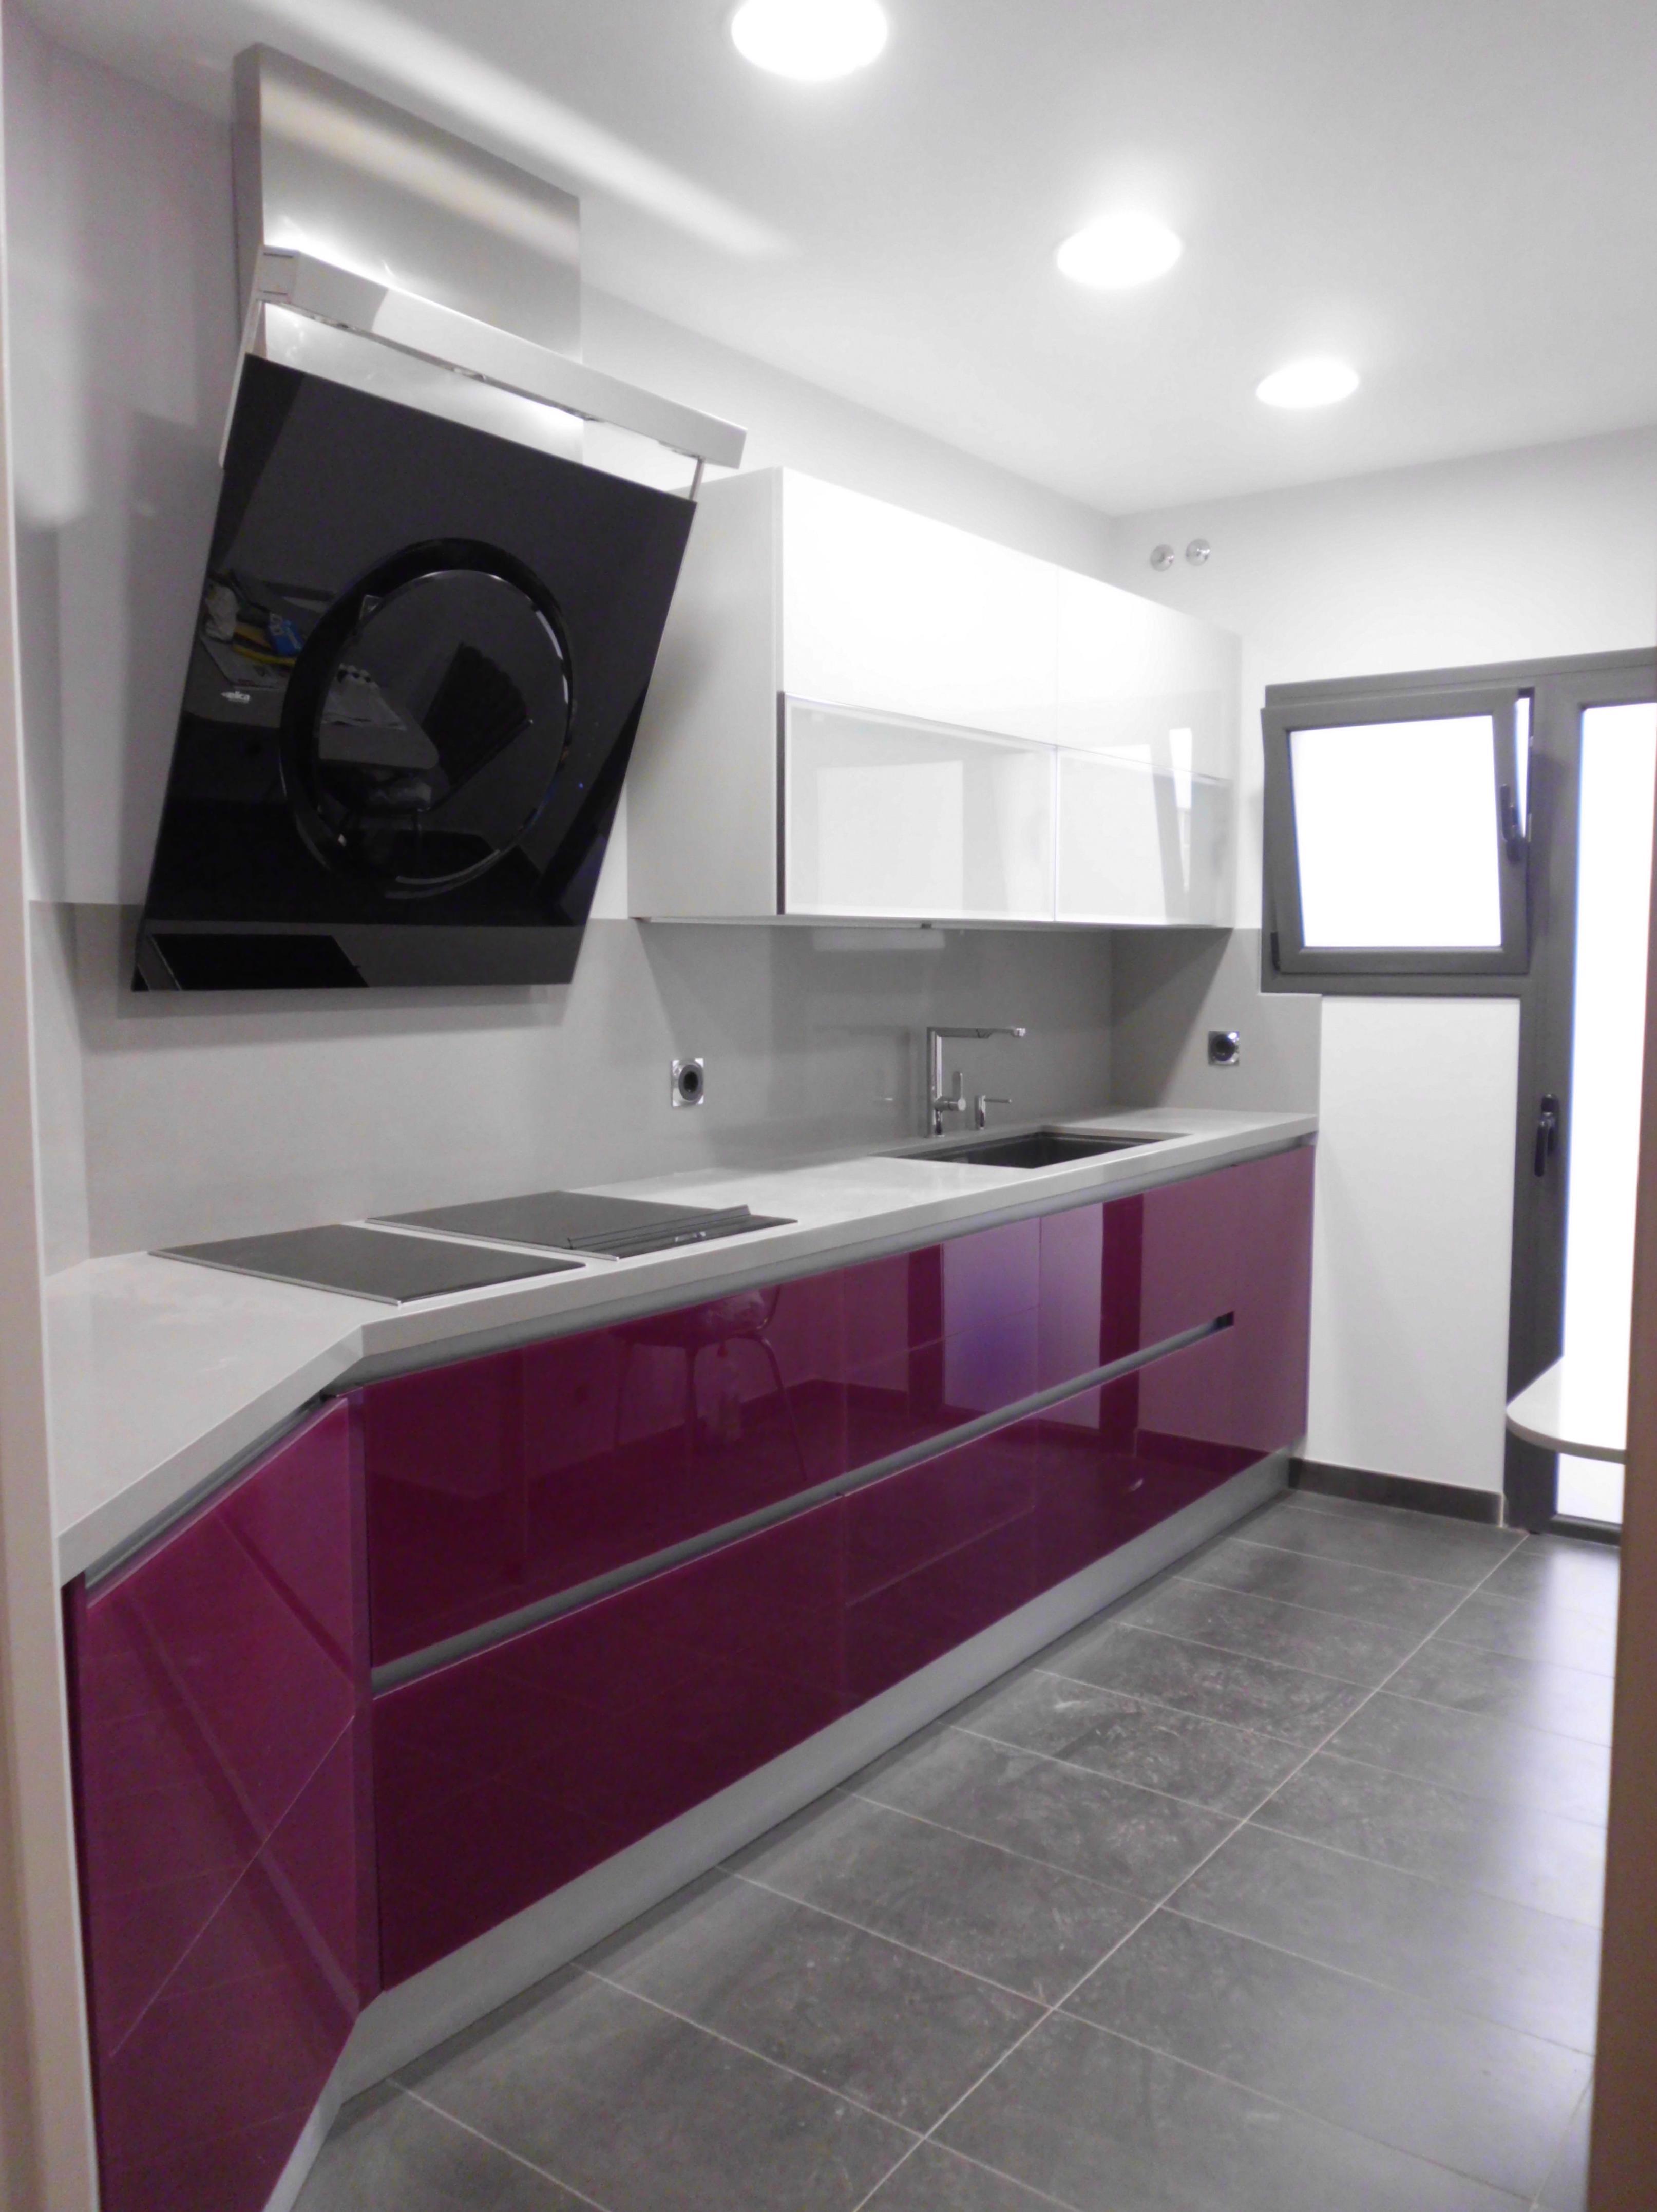 Reforma integral de de alta calidad de un piso \u002D Muebles cocina